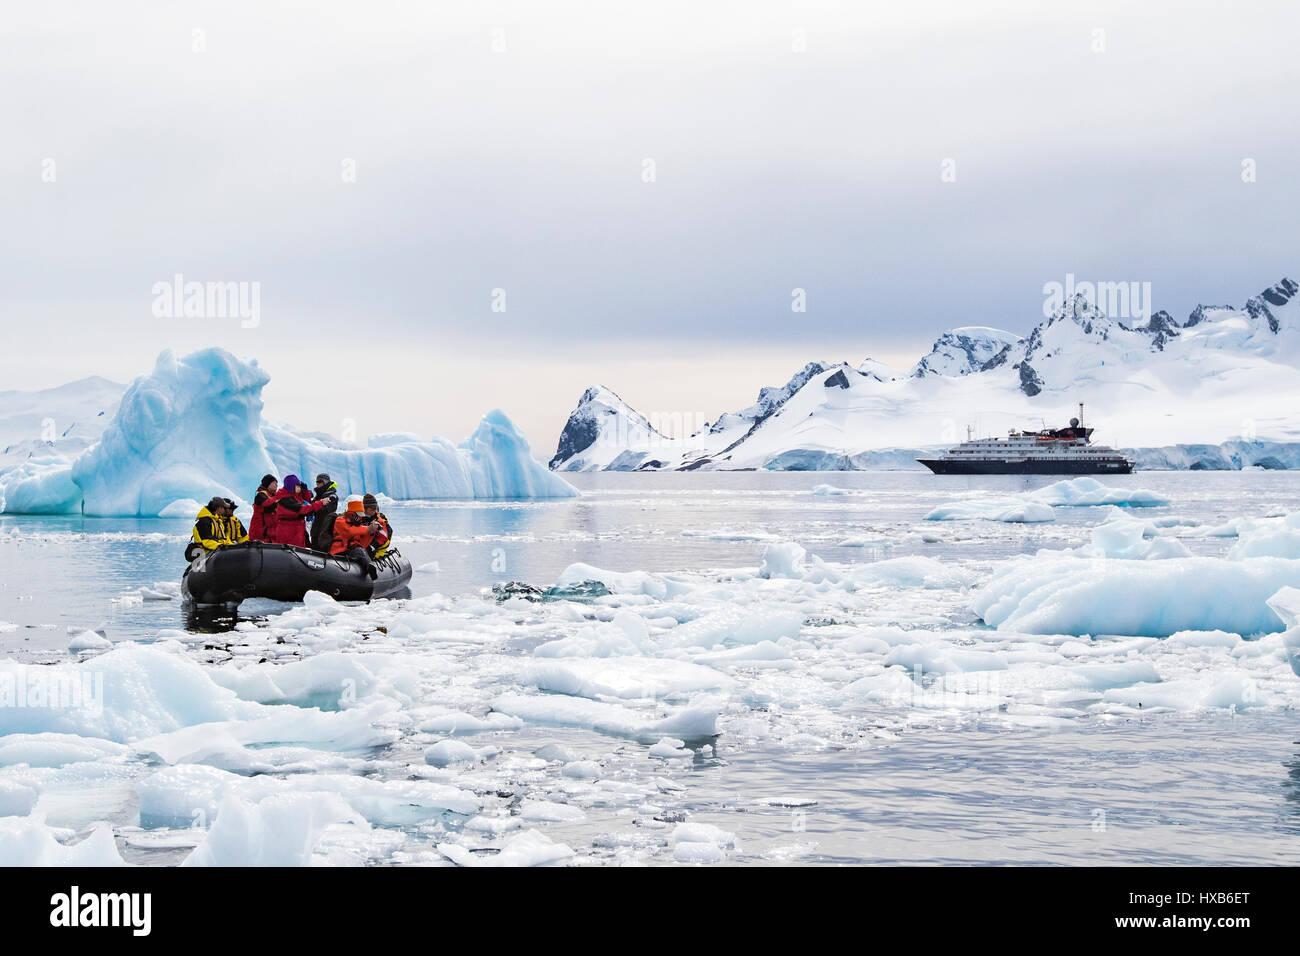 Antarktis Touristen im Tierkreis unter antarktischen Eisberges. Stockfoto